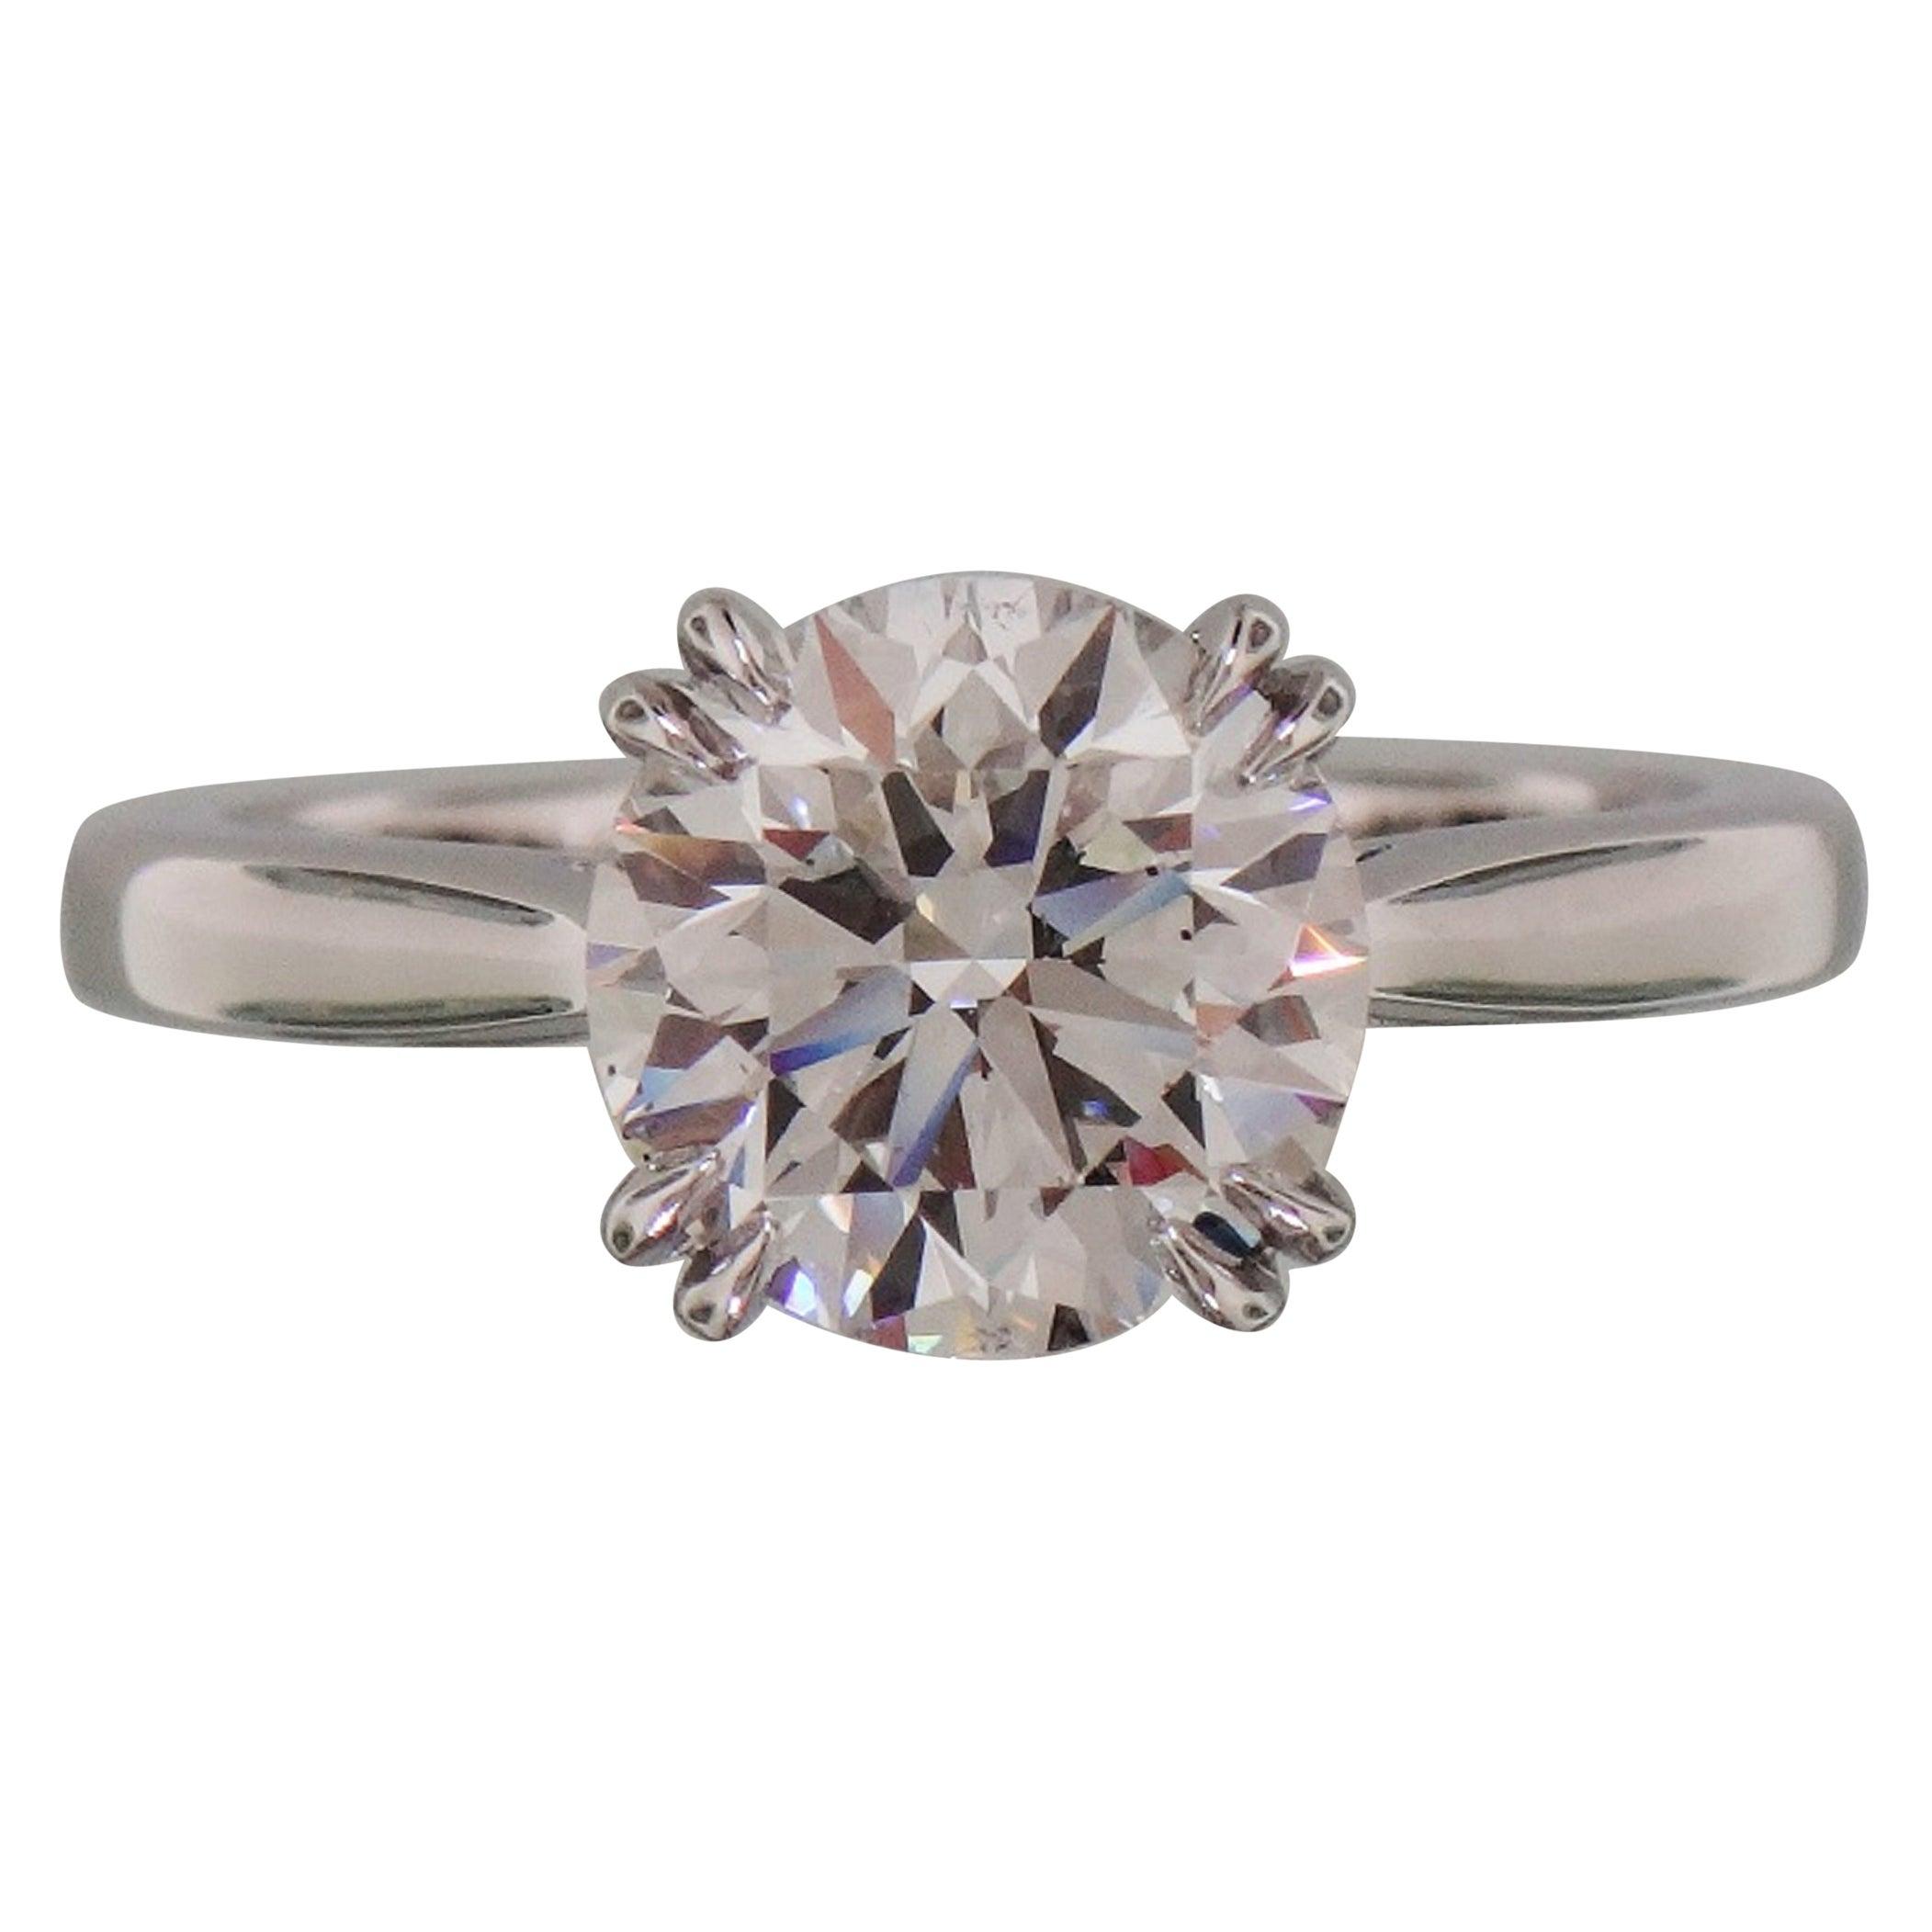 GIA Certified 2.01 Carat Round Brilliant Cut Platinum Solitaire Engagement Ring